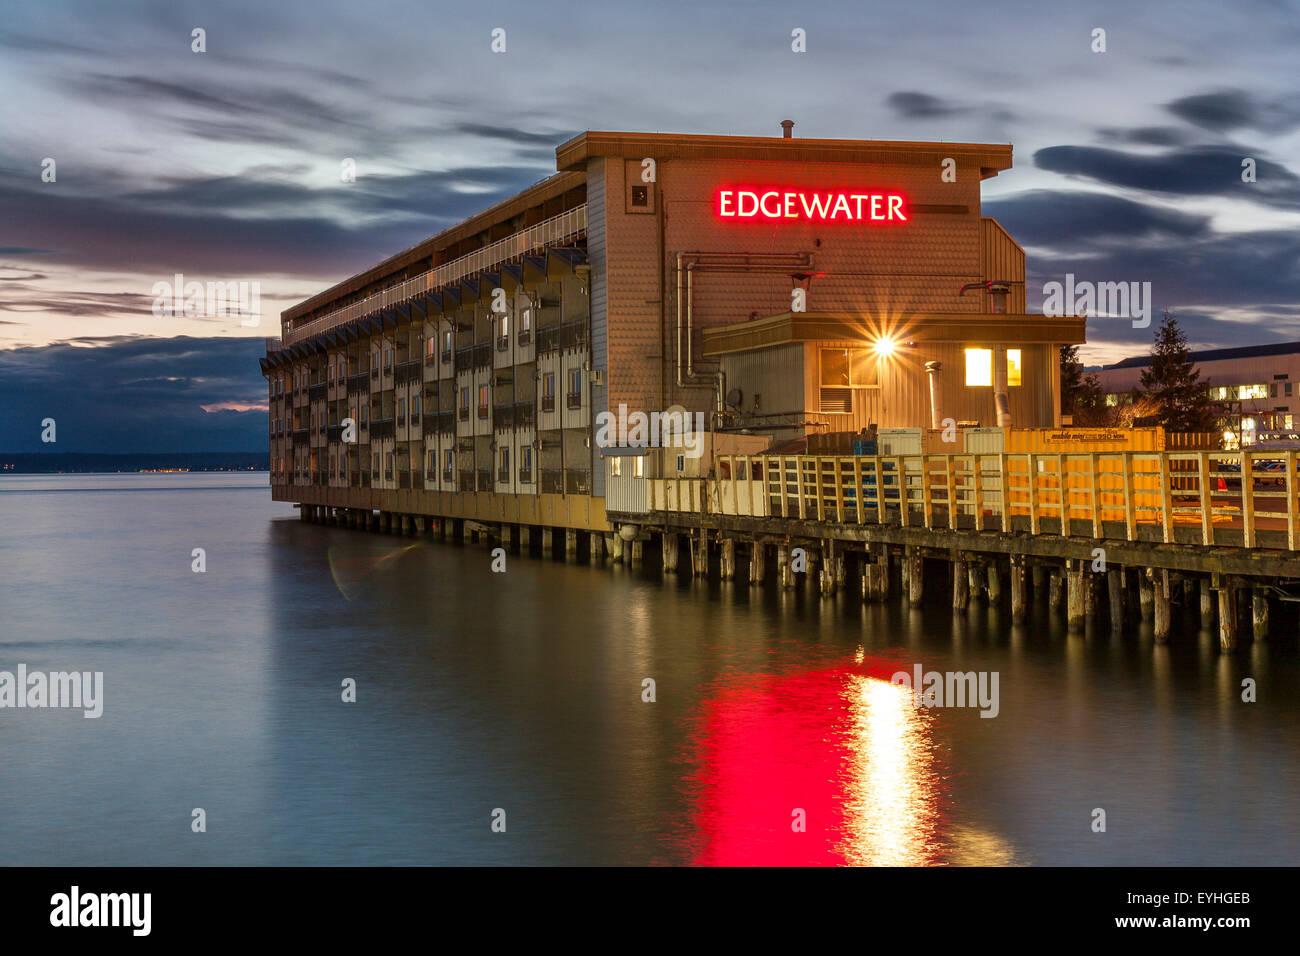 Die legendäre Edgewater Inn, Seattle, einem ikonischen Rock & Roll Hotel vielleicht am berühmt durch Stockbild